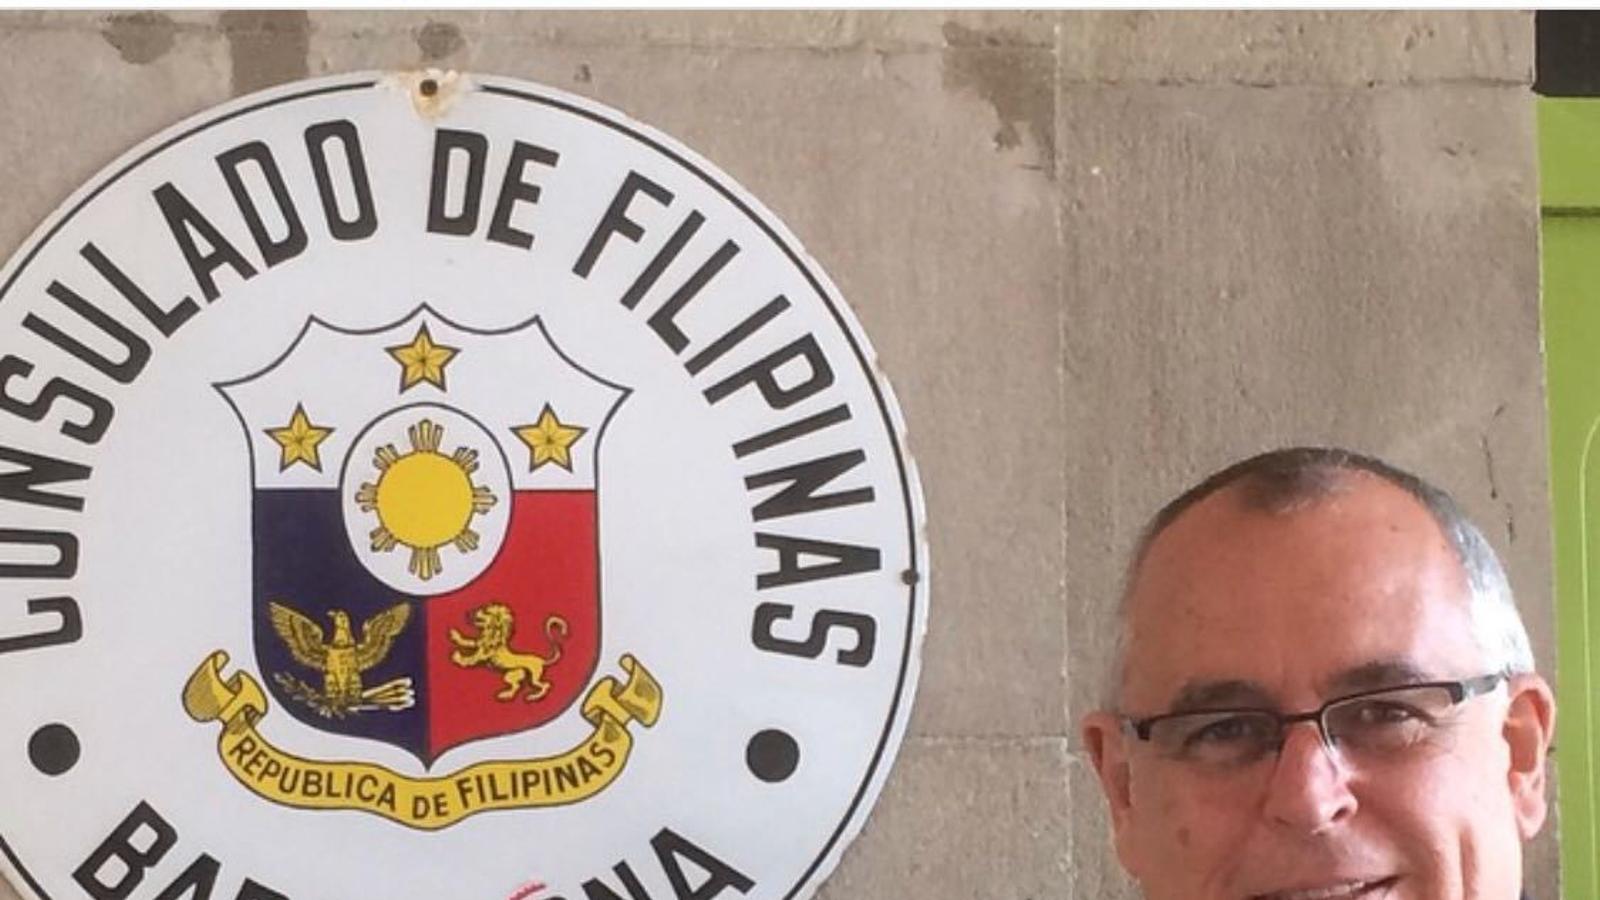 """Jordi Puig, cònsol de les Filipines, cessat per la pressió d'Espanya: """"Tots els cònsols estem en llistes ideològiques"""""""